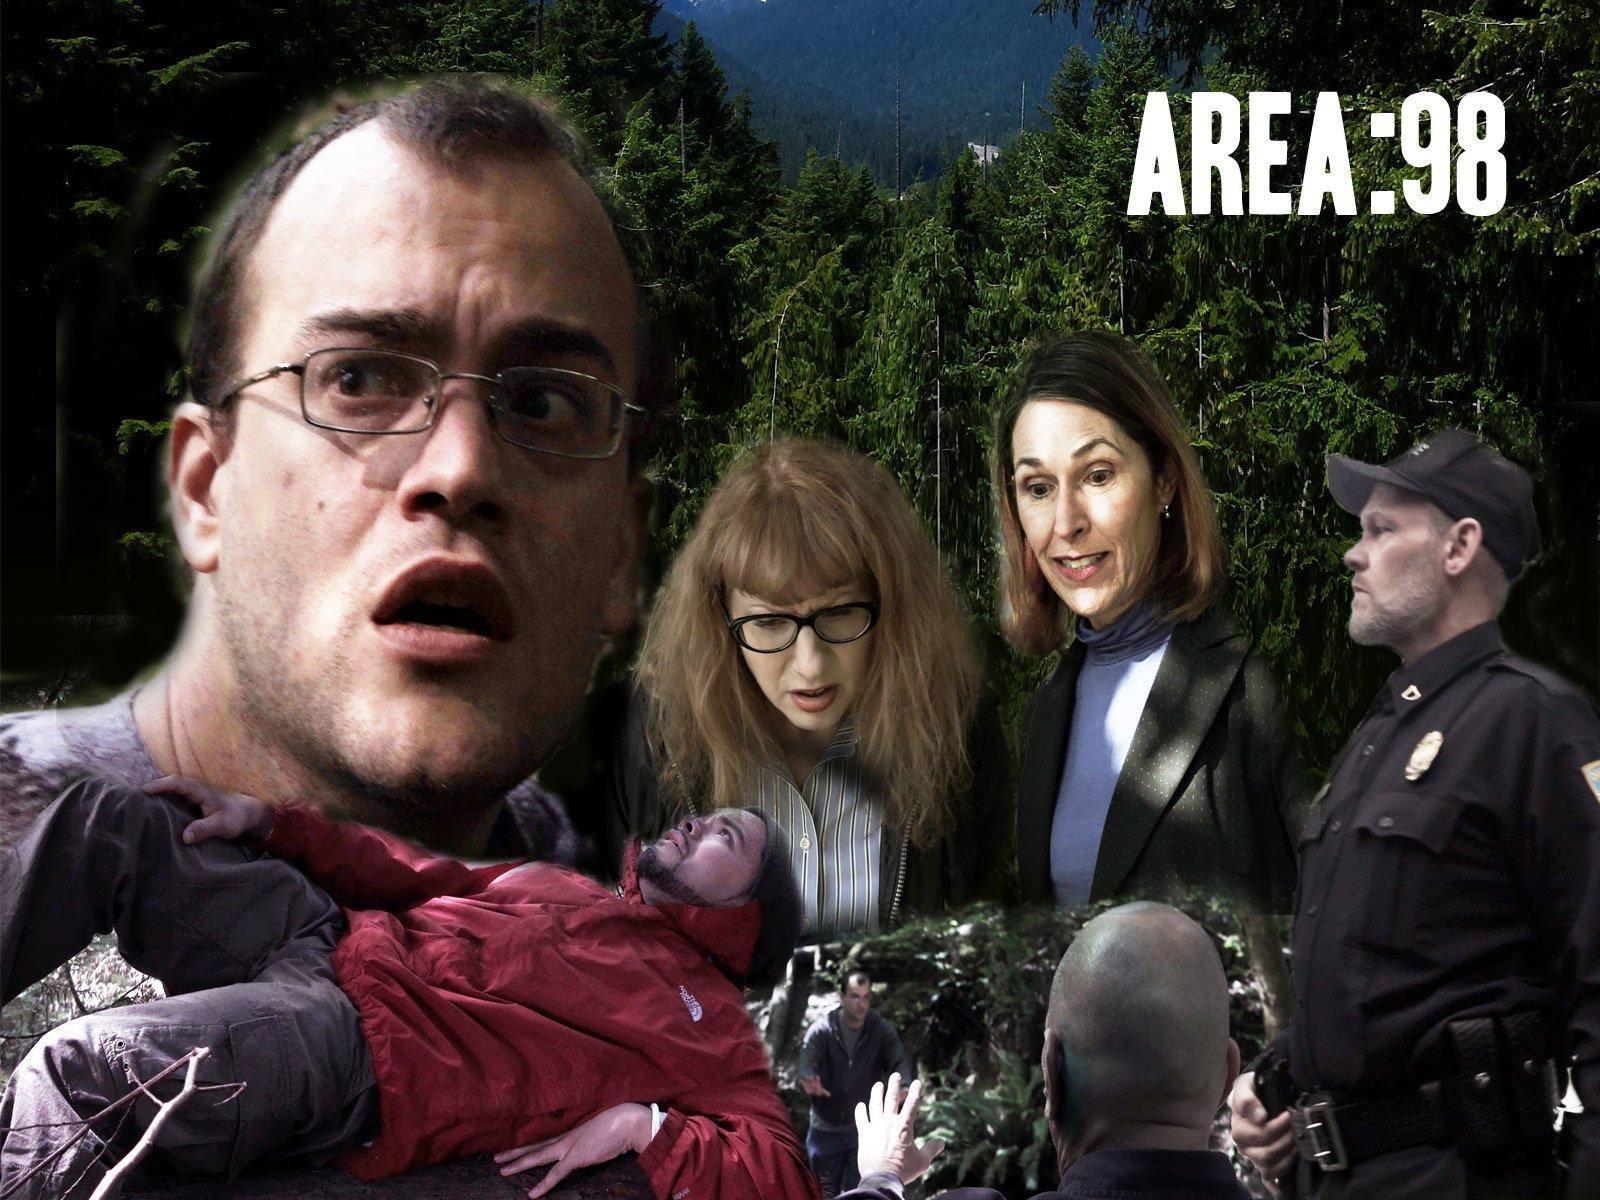 Area 98 - Season 1